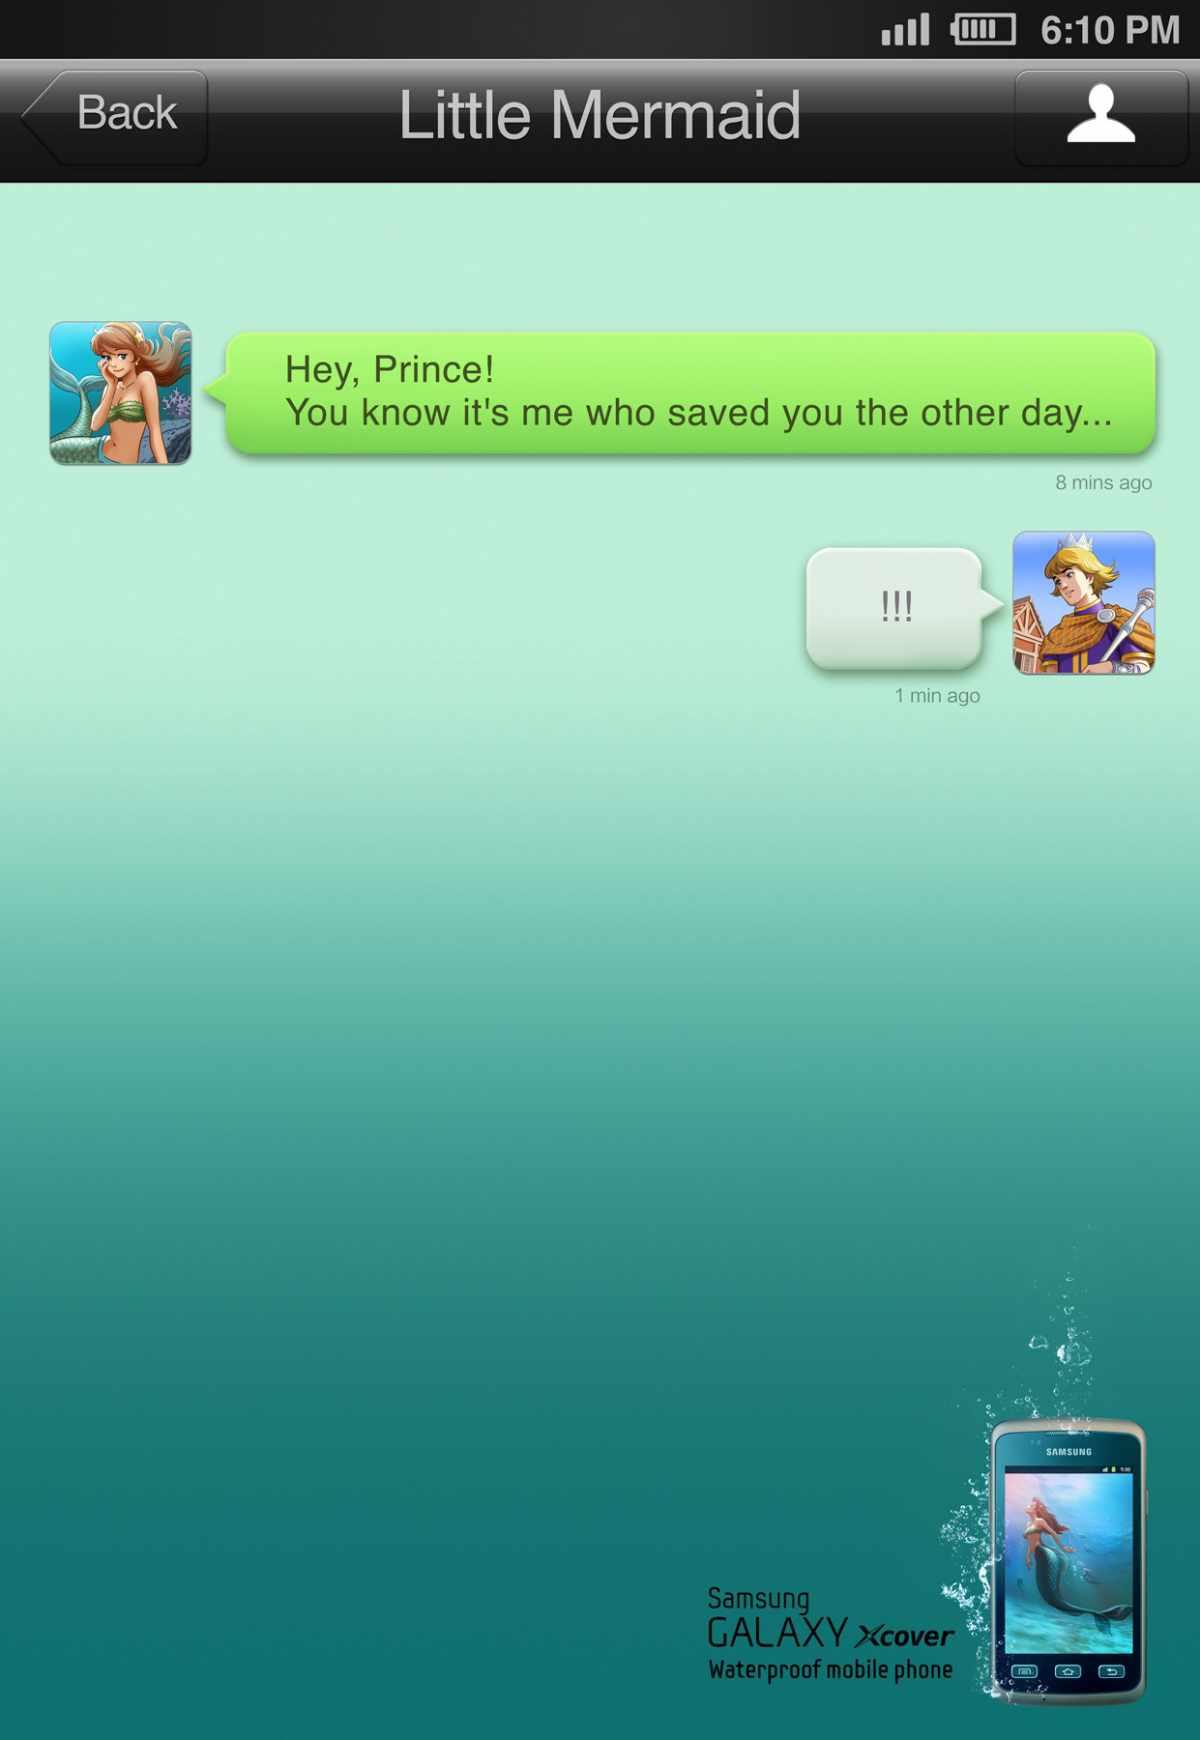 samsung-waterproof-phone_the-little-mermaid